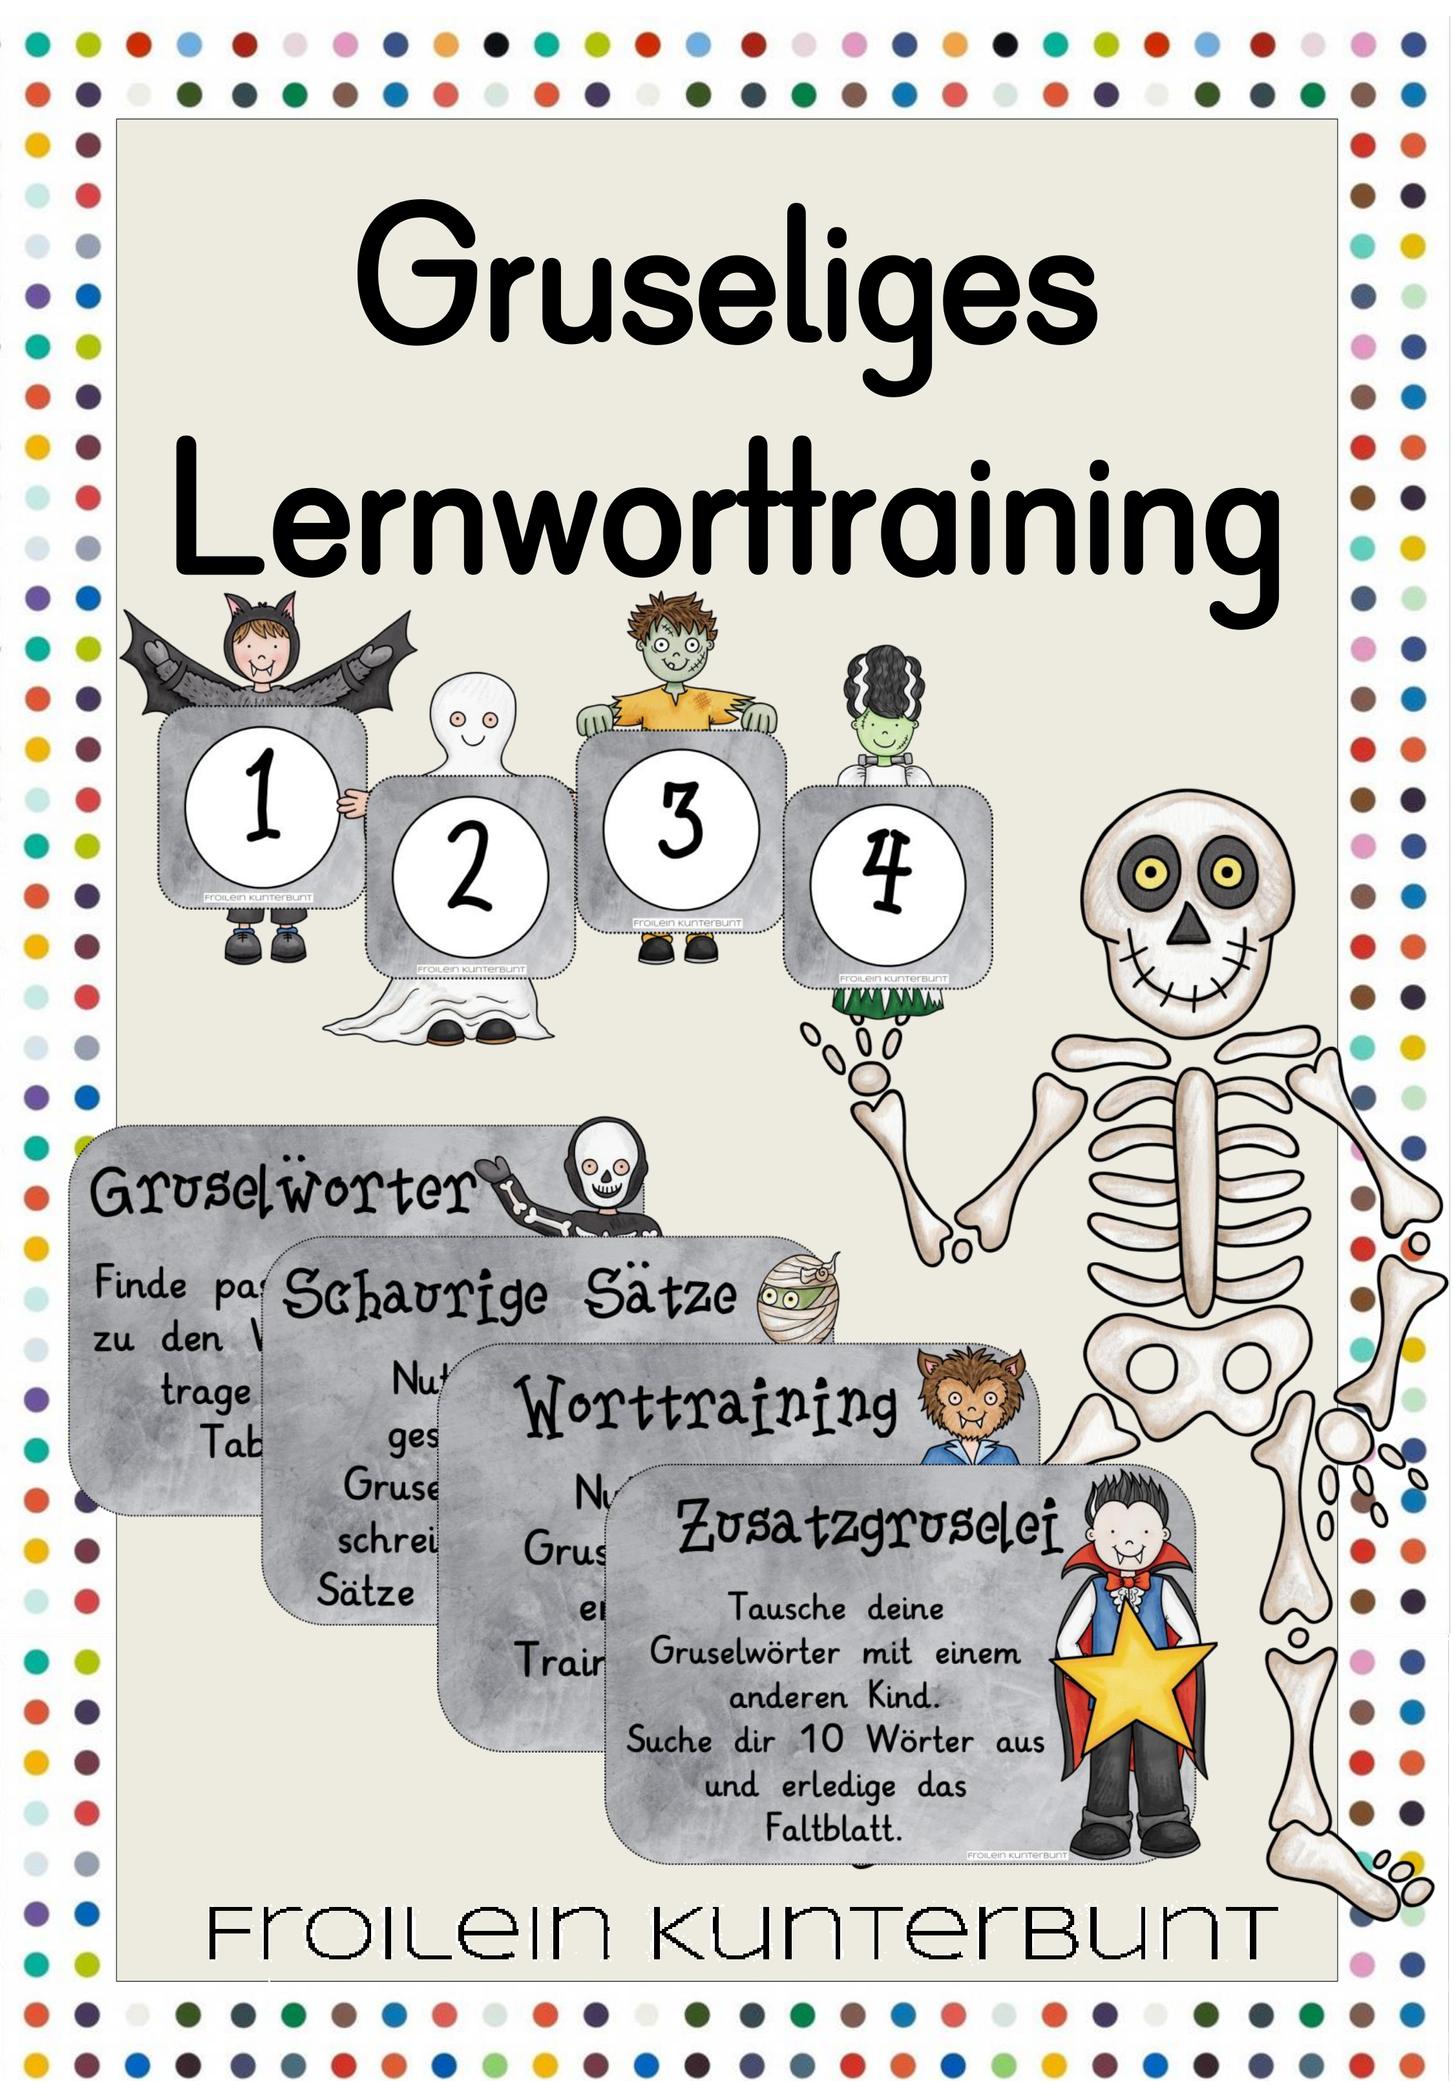 Gruseliges Lernworttraining An Vier Stationenuselworter